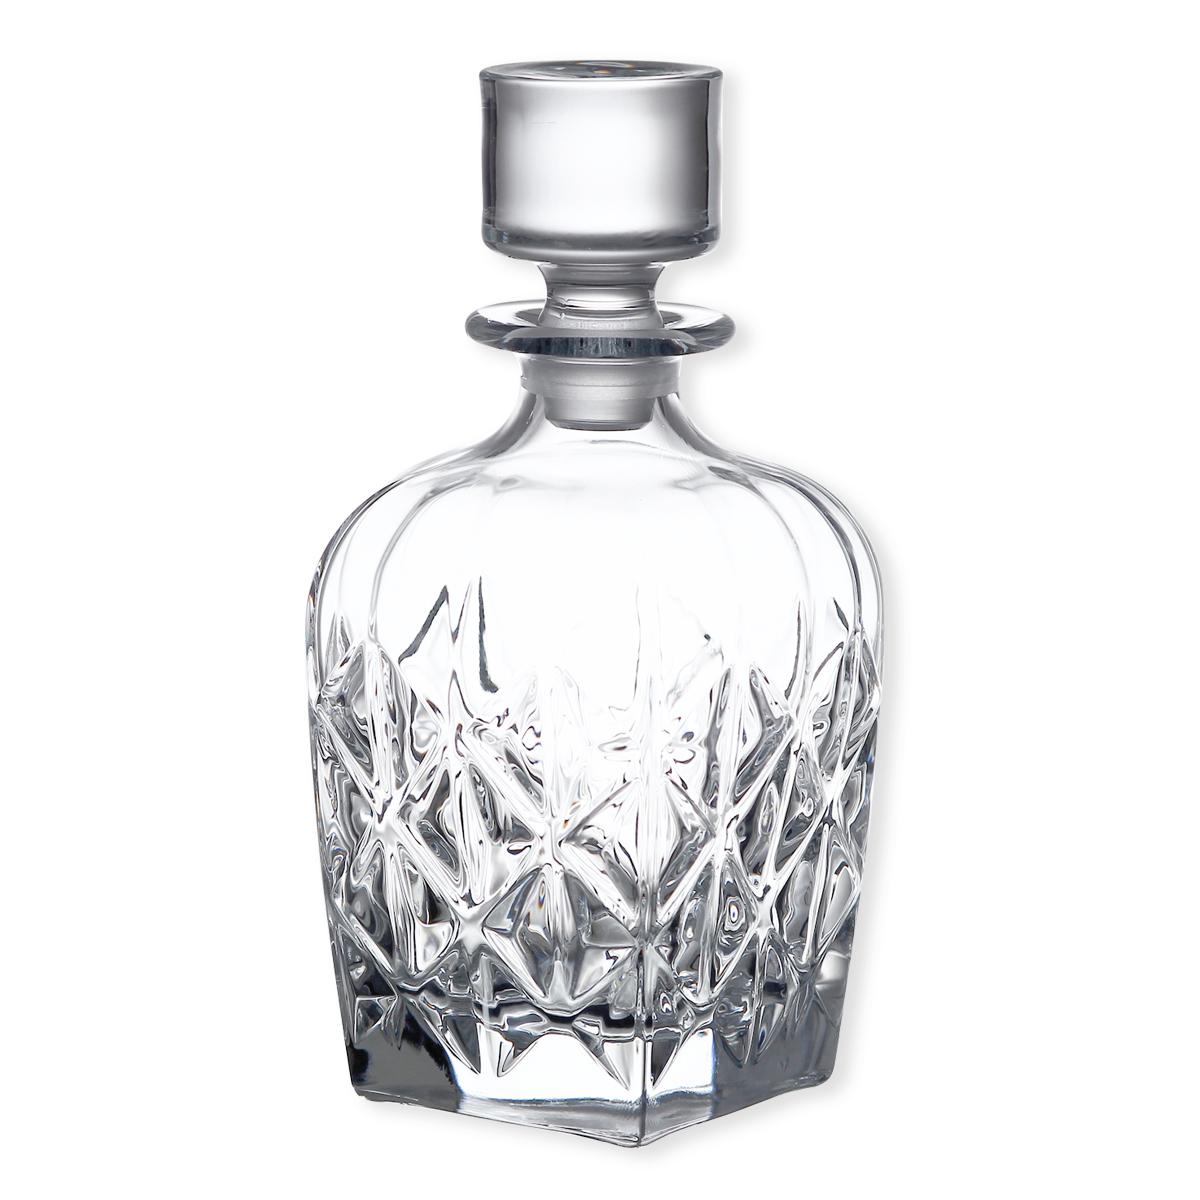 carafe whisky en verre luxion verrerie design bruno evrard. Black Bedroom Furniture Sets. Home Design Ideas